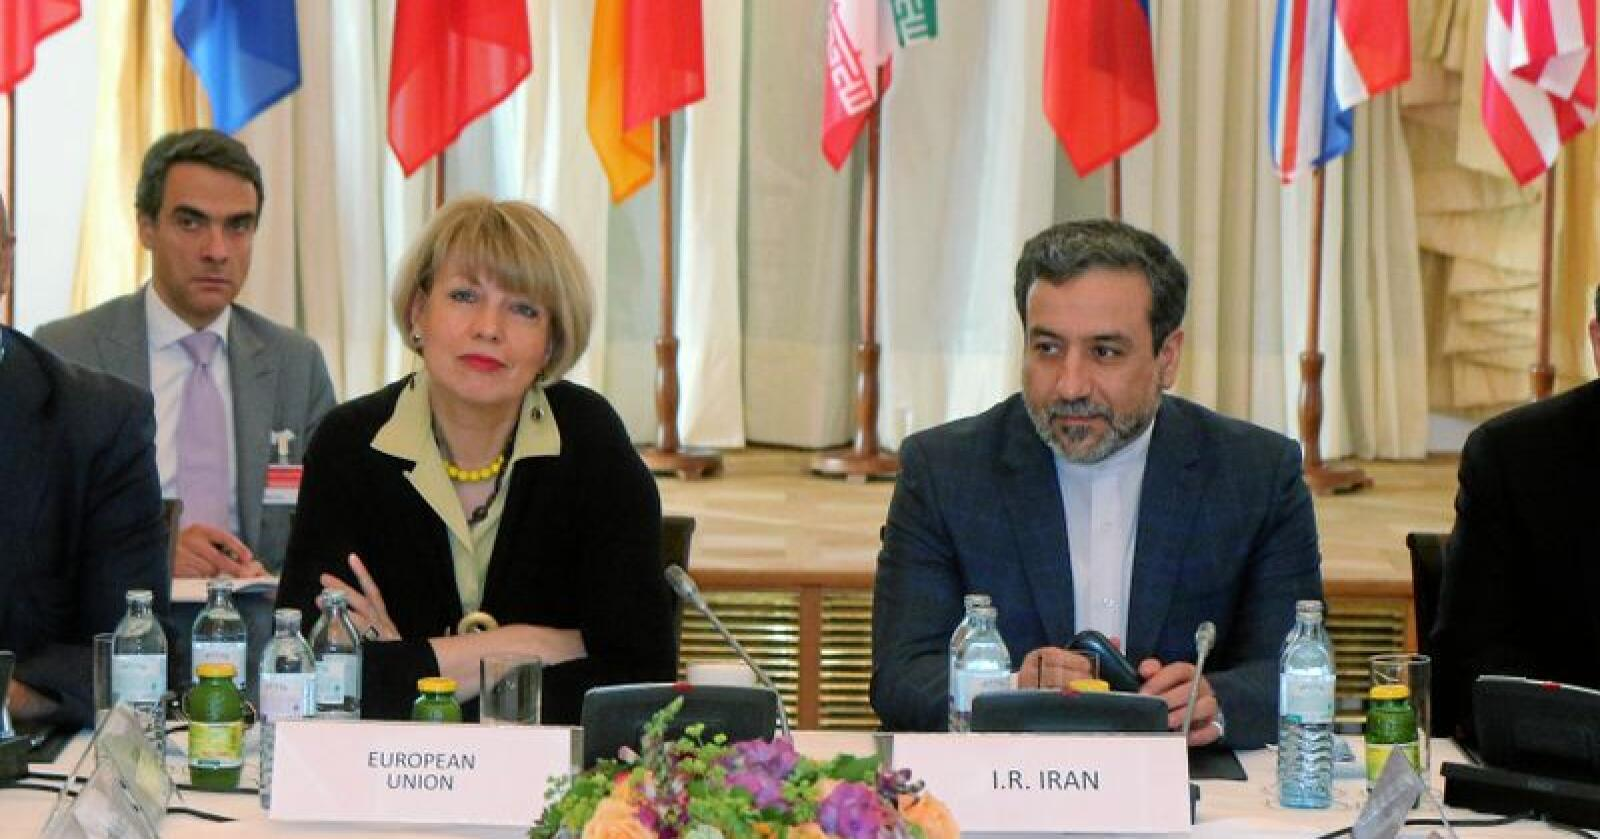 Helga Schmid har vært generalsekretær for EUs utenrikstjeneste (EEAS) siden 2016. Her er hun under et bilateralt møte med den iranske viseutenriksministeren Abbas Araghchi i Wien, Østerrike juni 2015, dengang som visegeneralsekretær for politiske spørsmål ved EEAS. Foto: Ronald Zak / AP / NTB scanpix